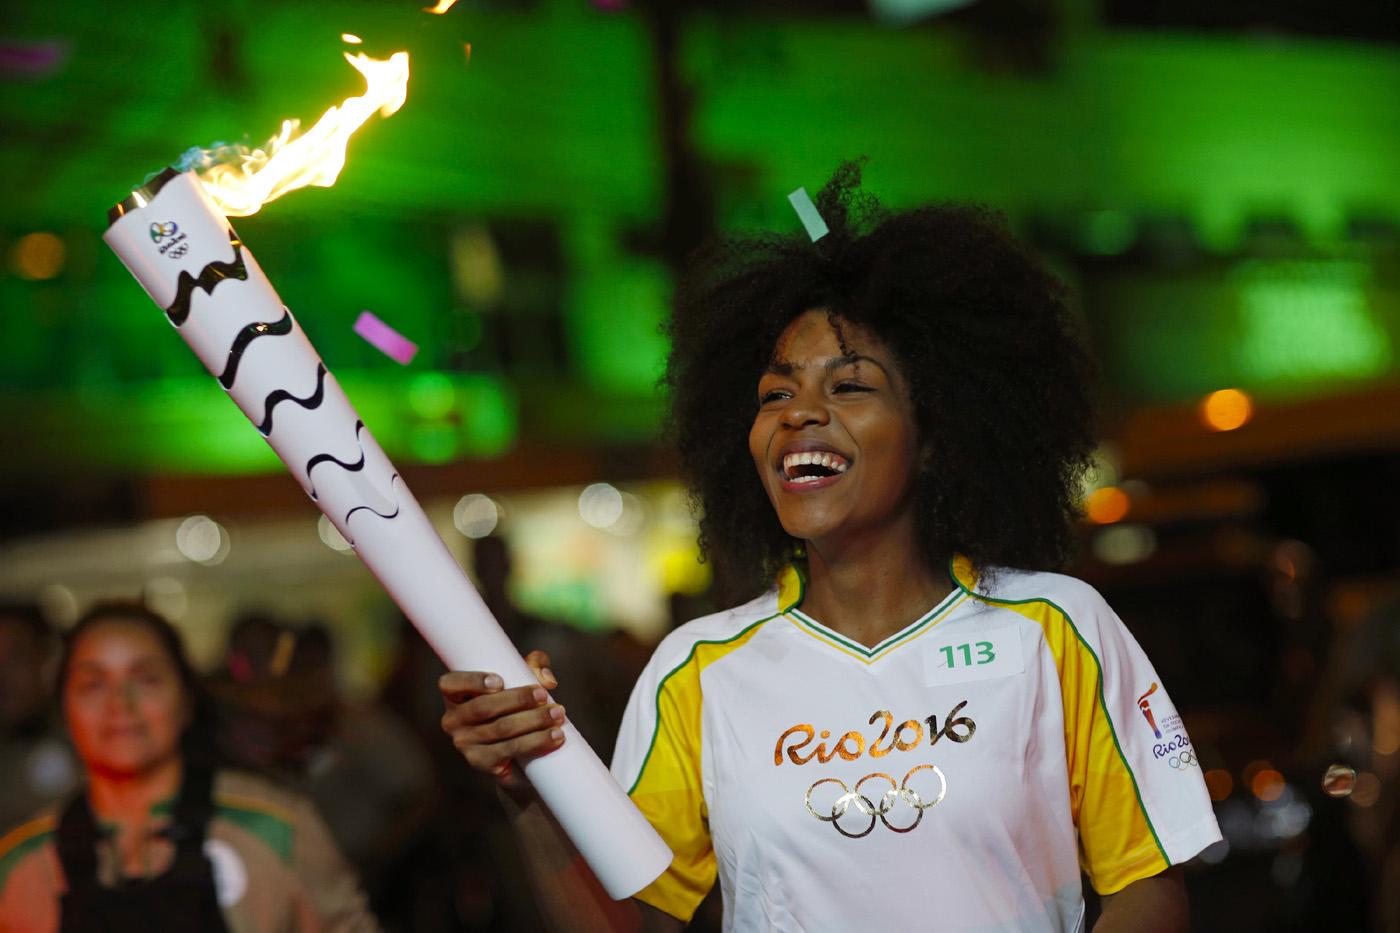 Rio2016.com